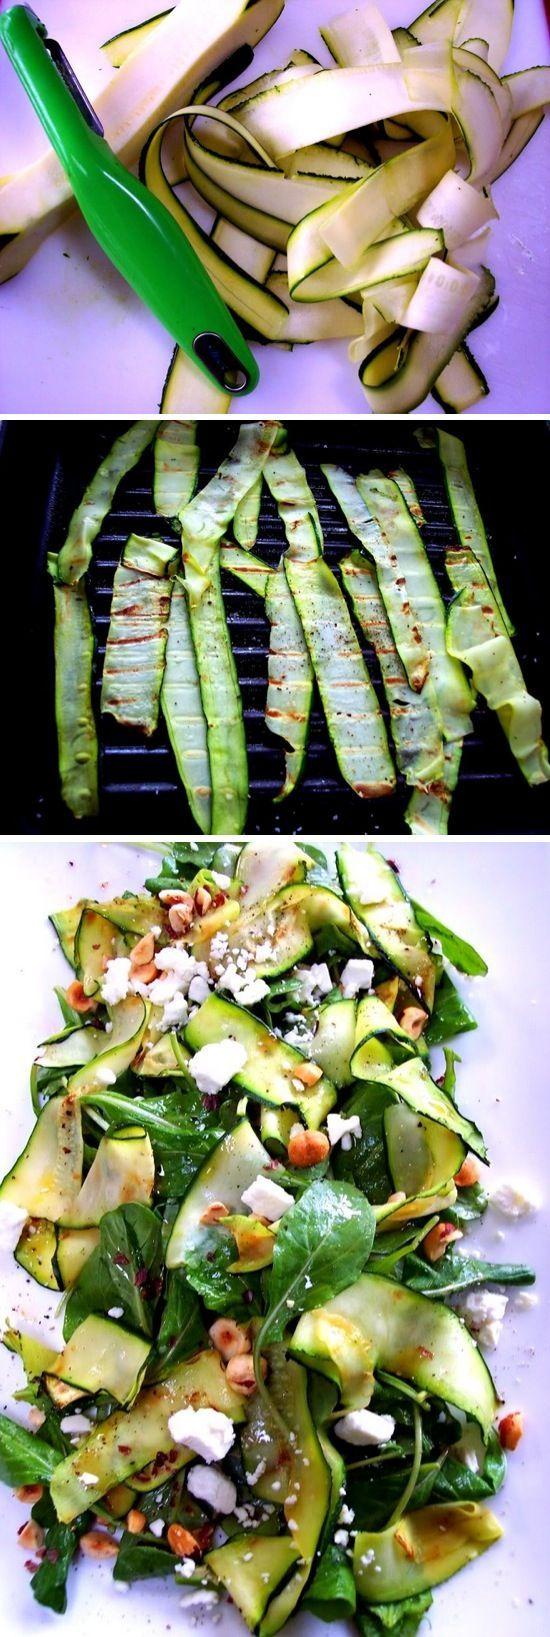 Savory Grilled Zucchini Ribbon Salad